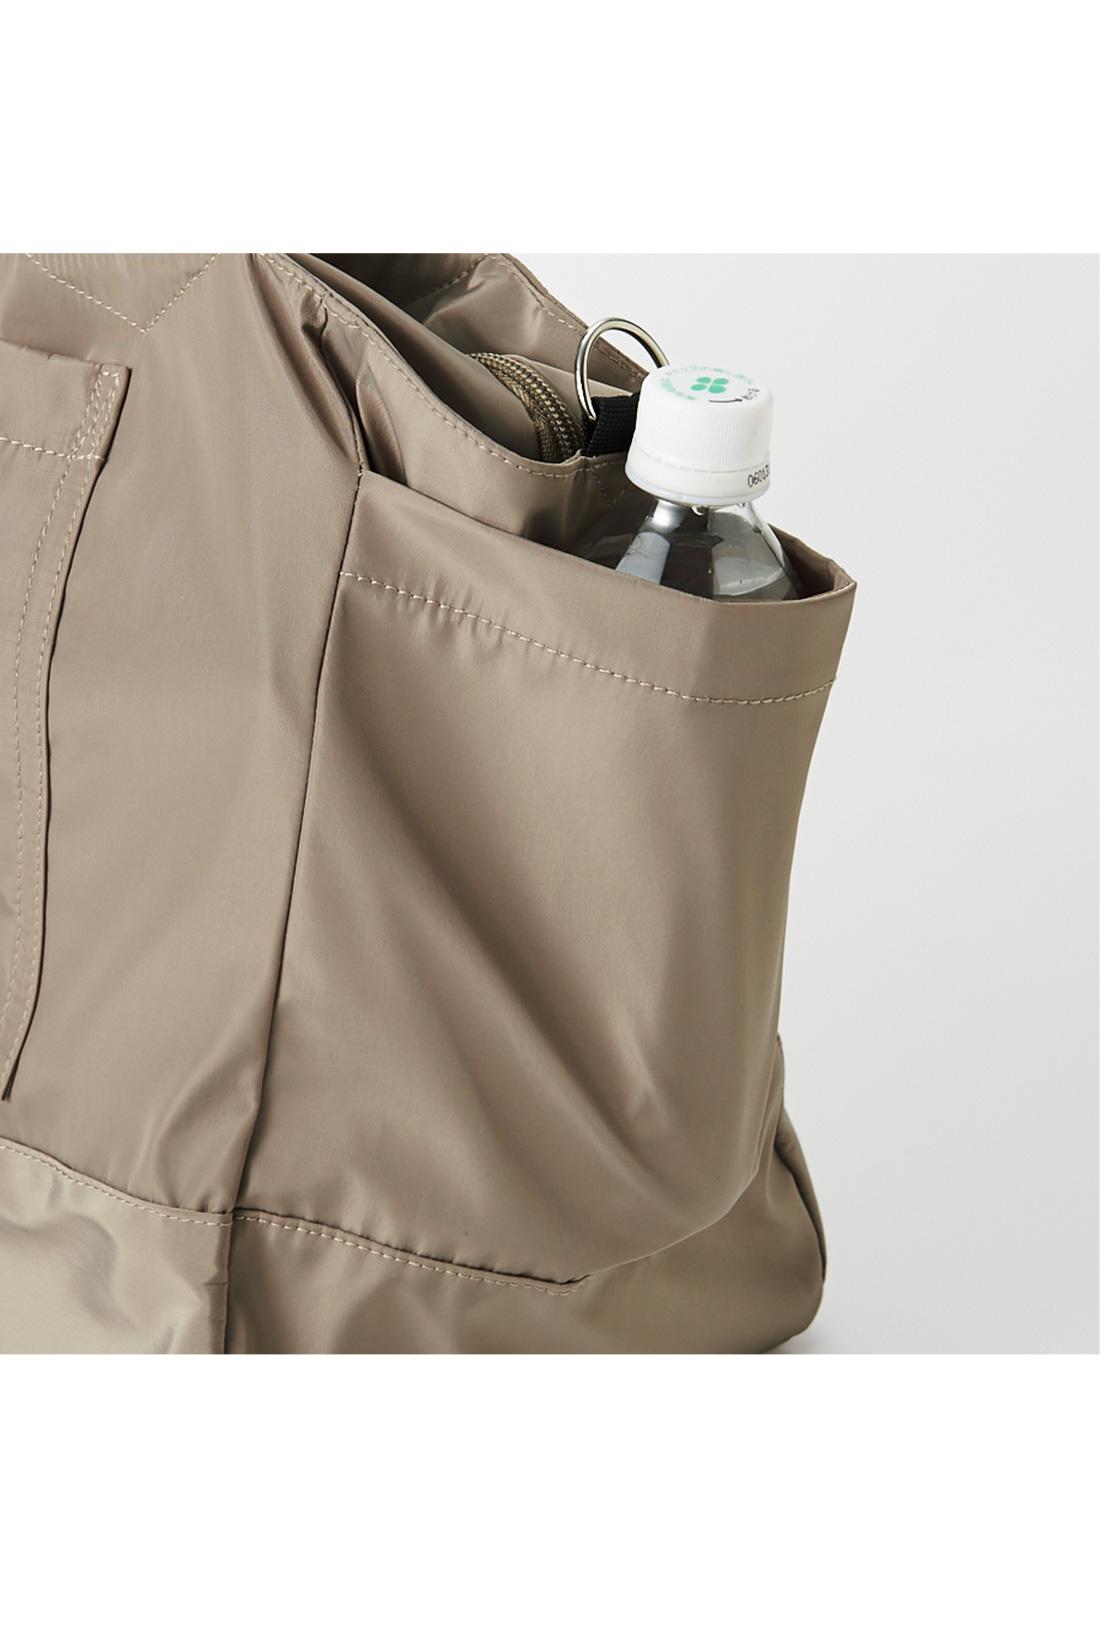 両サイドにはペットボトルも余裕で入る、大きなポケット付き。 ※お届けするカラーとは異なります。